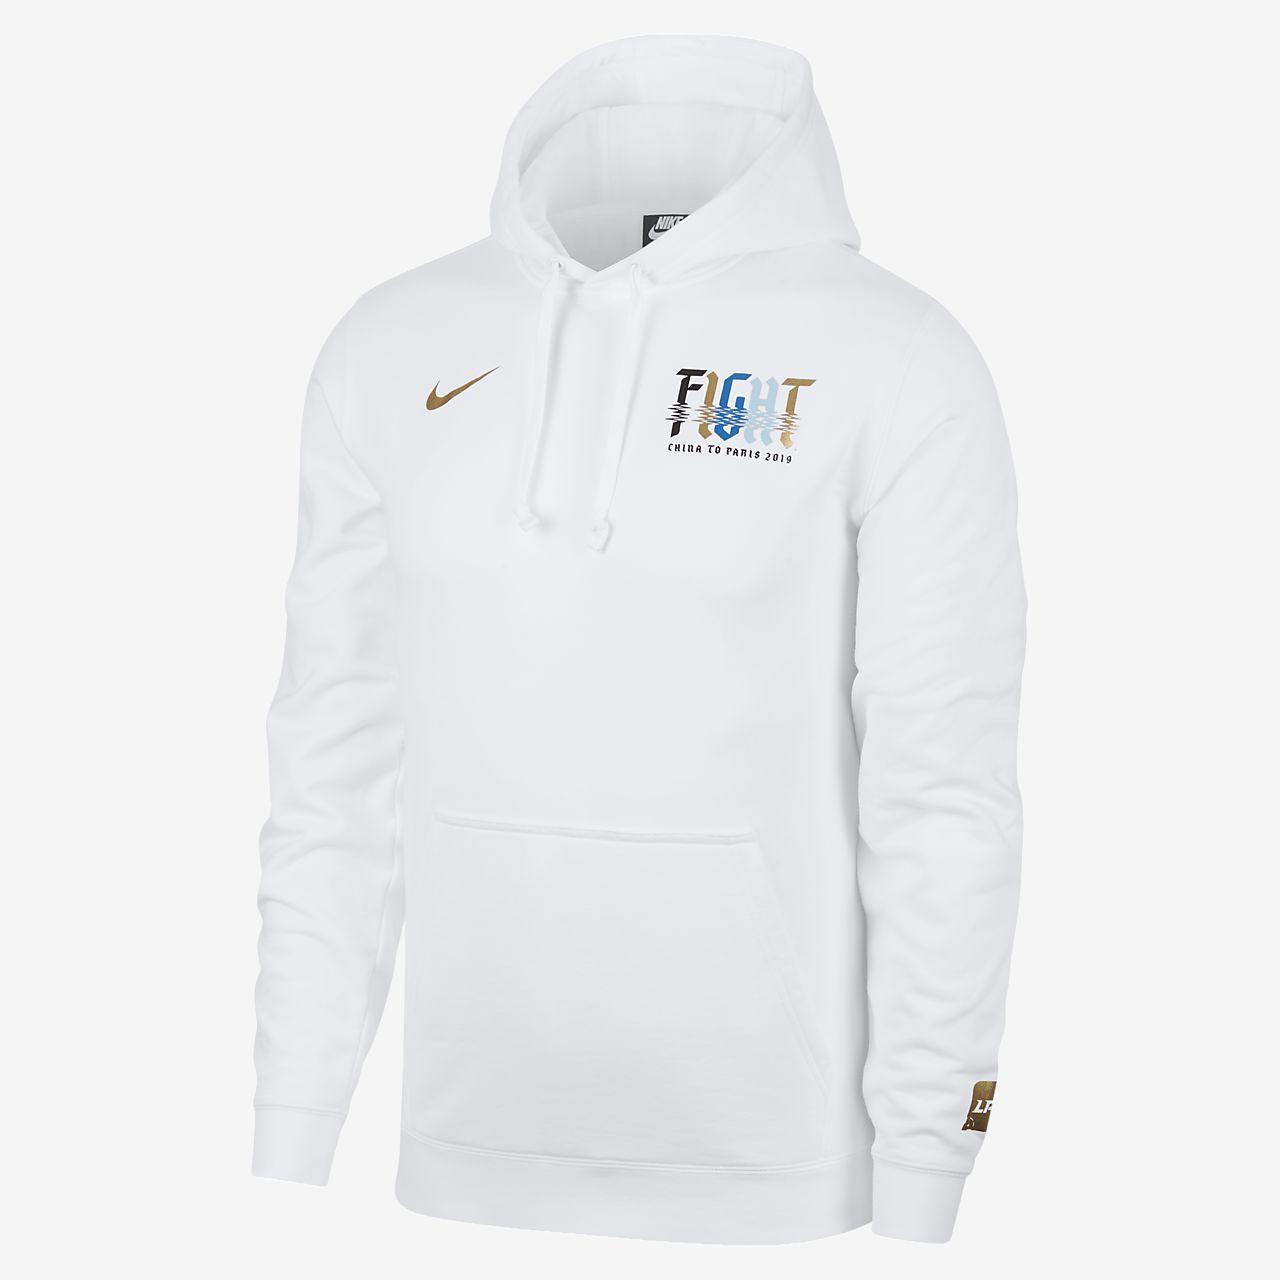 Nike X LPL 世界赛出征男子套头连帽衫